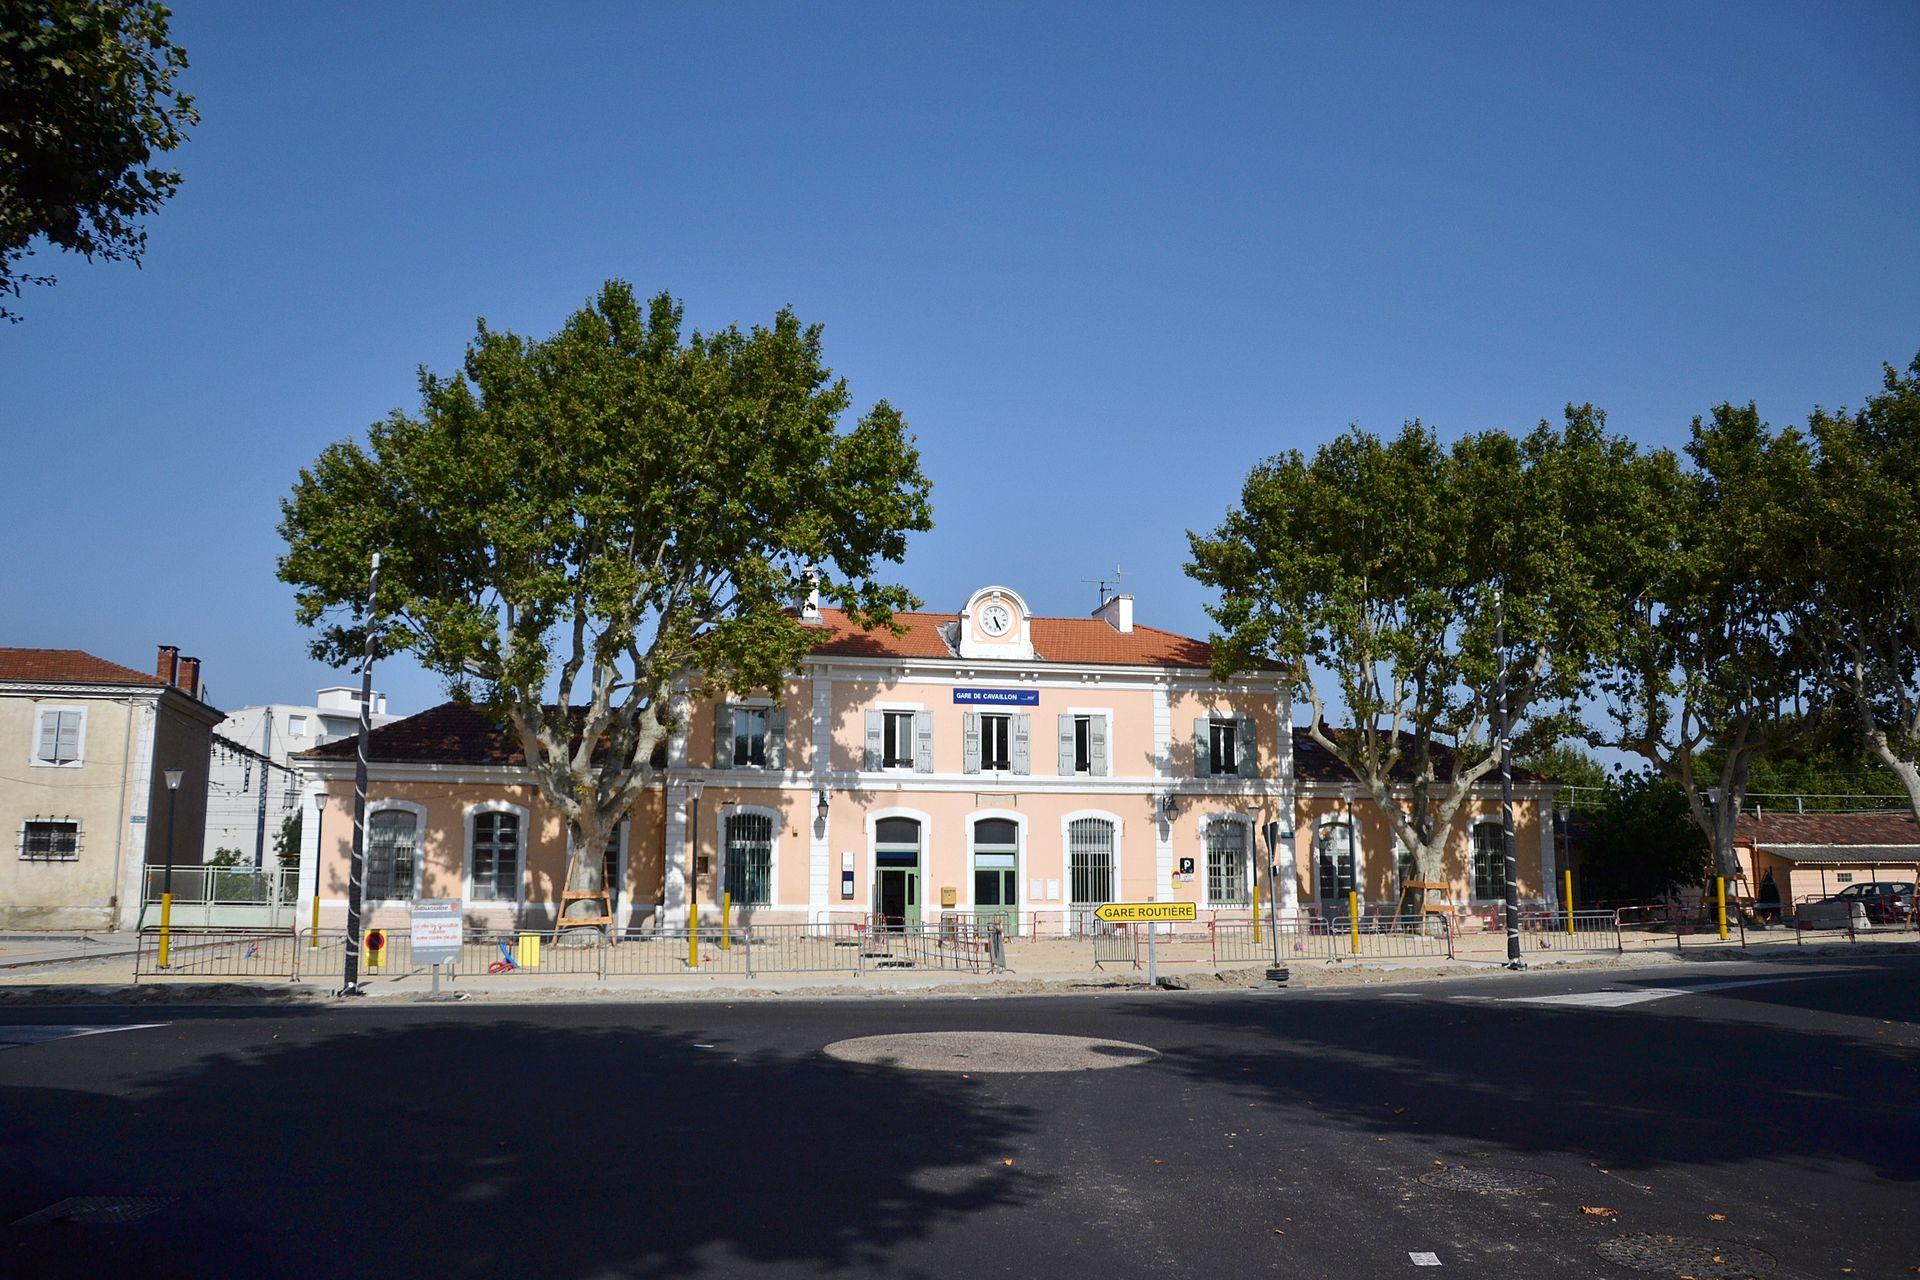 Gare de cavaillon wikip dia for Garage de la gare bretigny